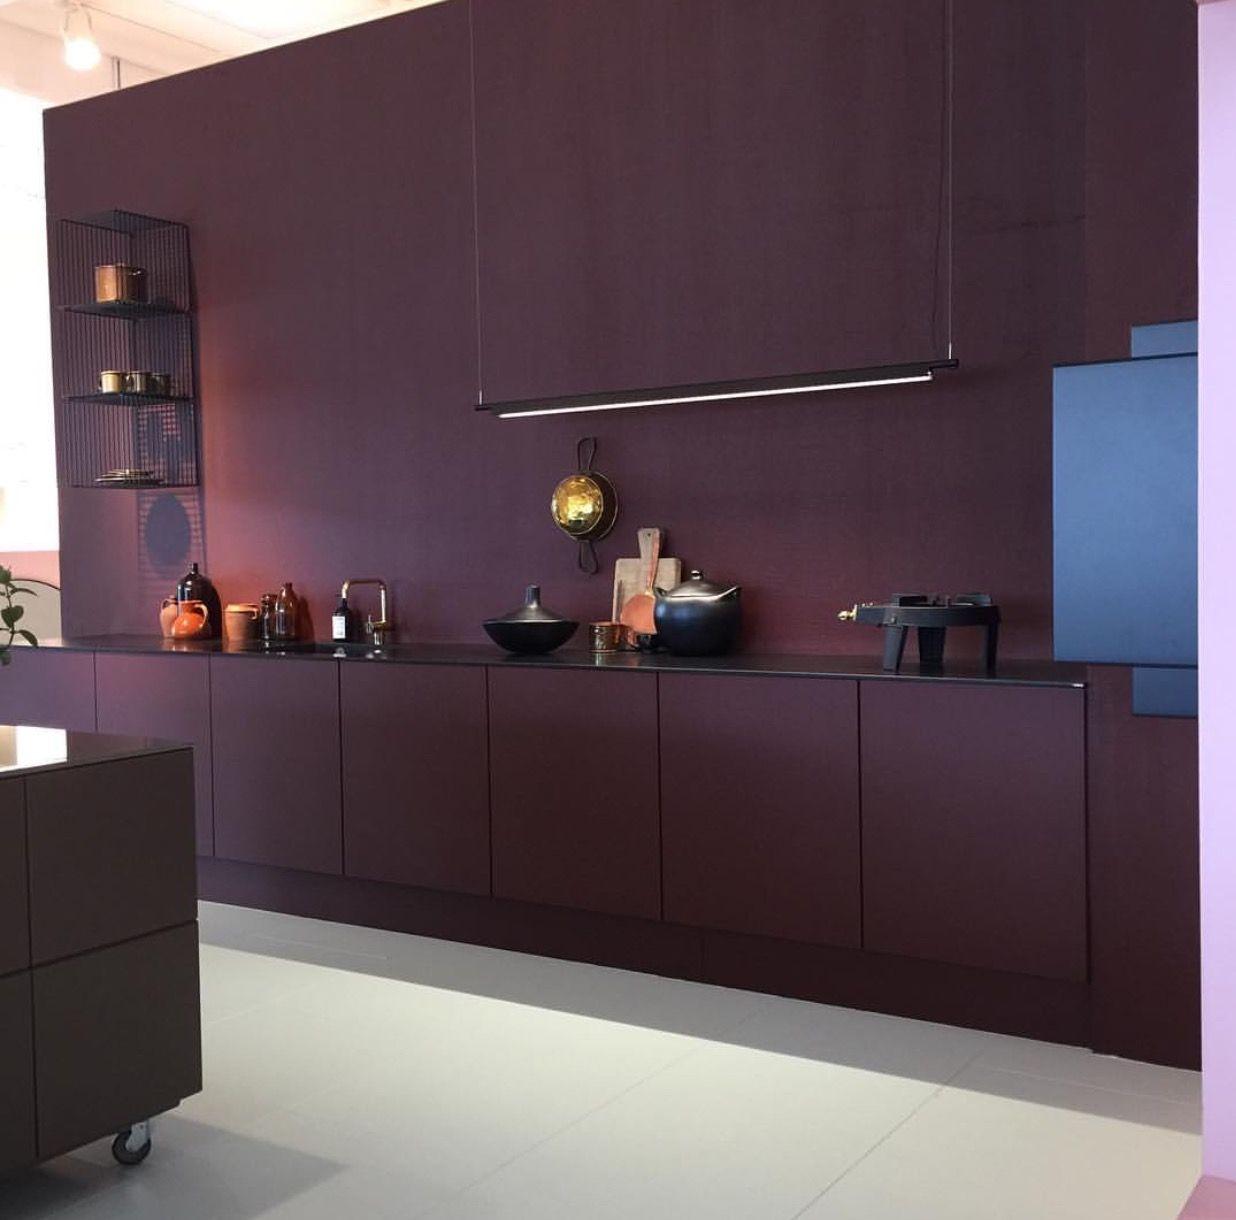 Pin von Dorinne Gbedey auf Home design kitchen | Pinterest | Küche ...